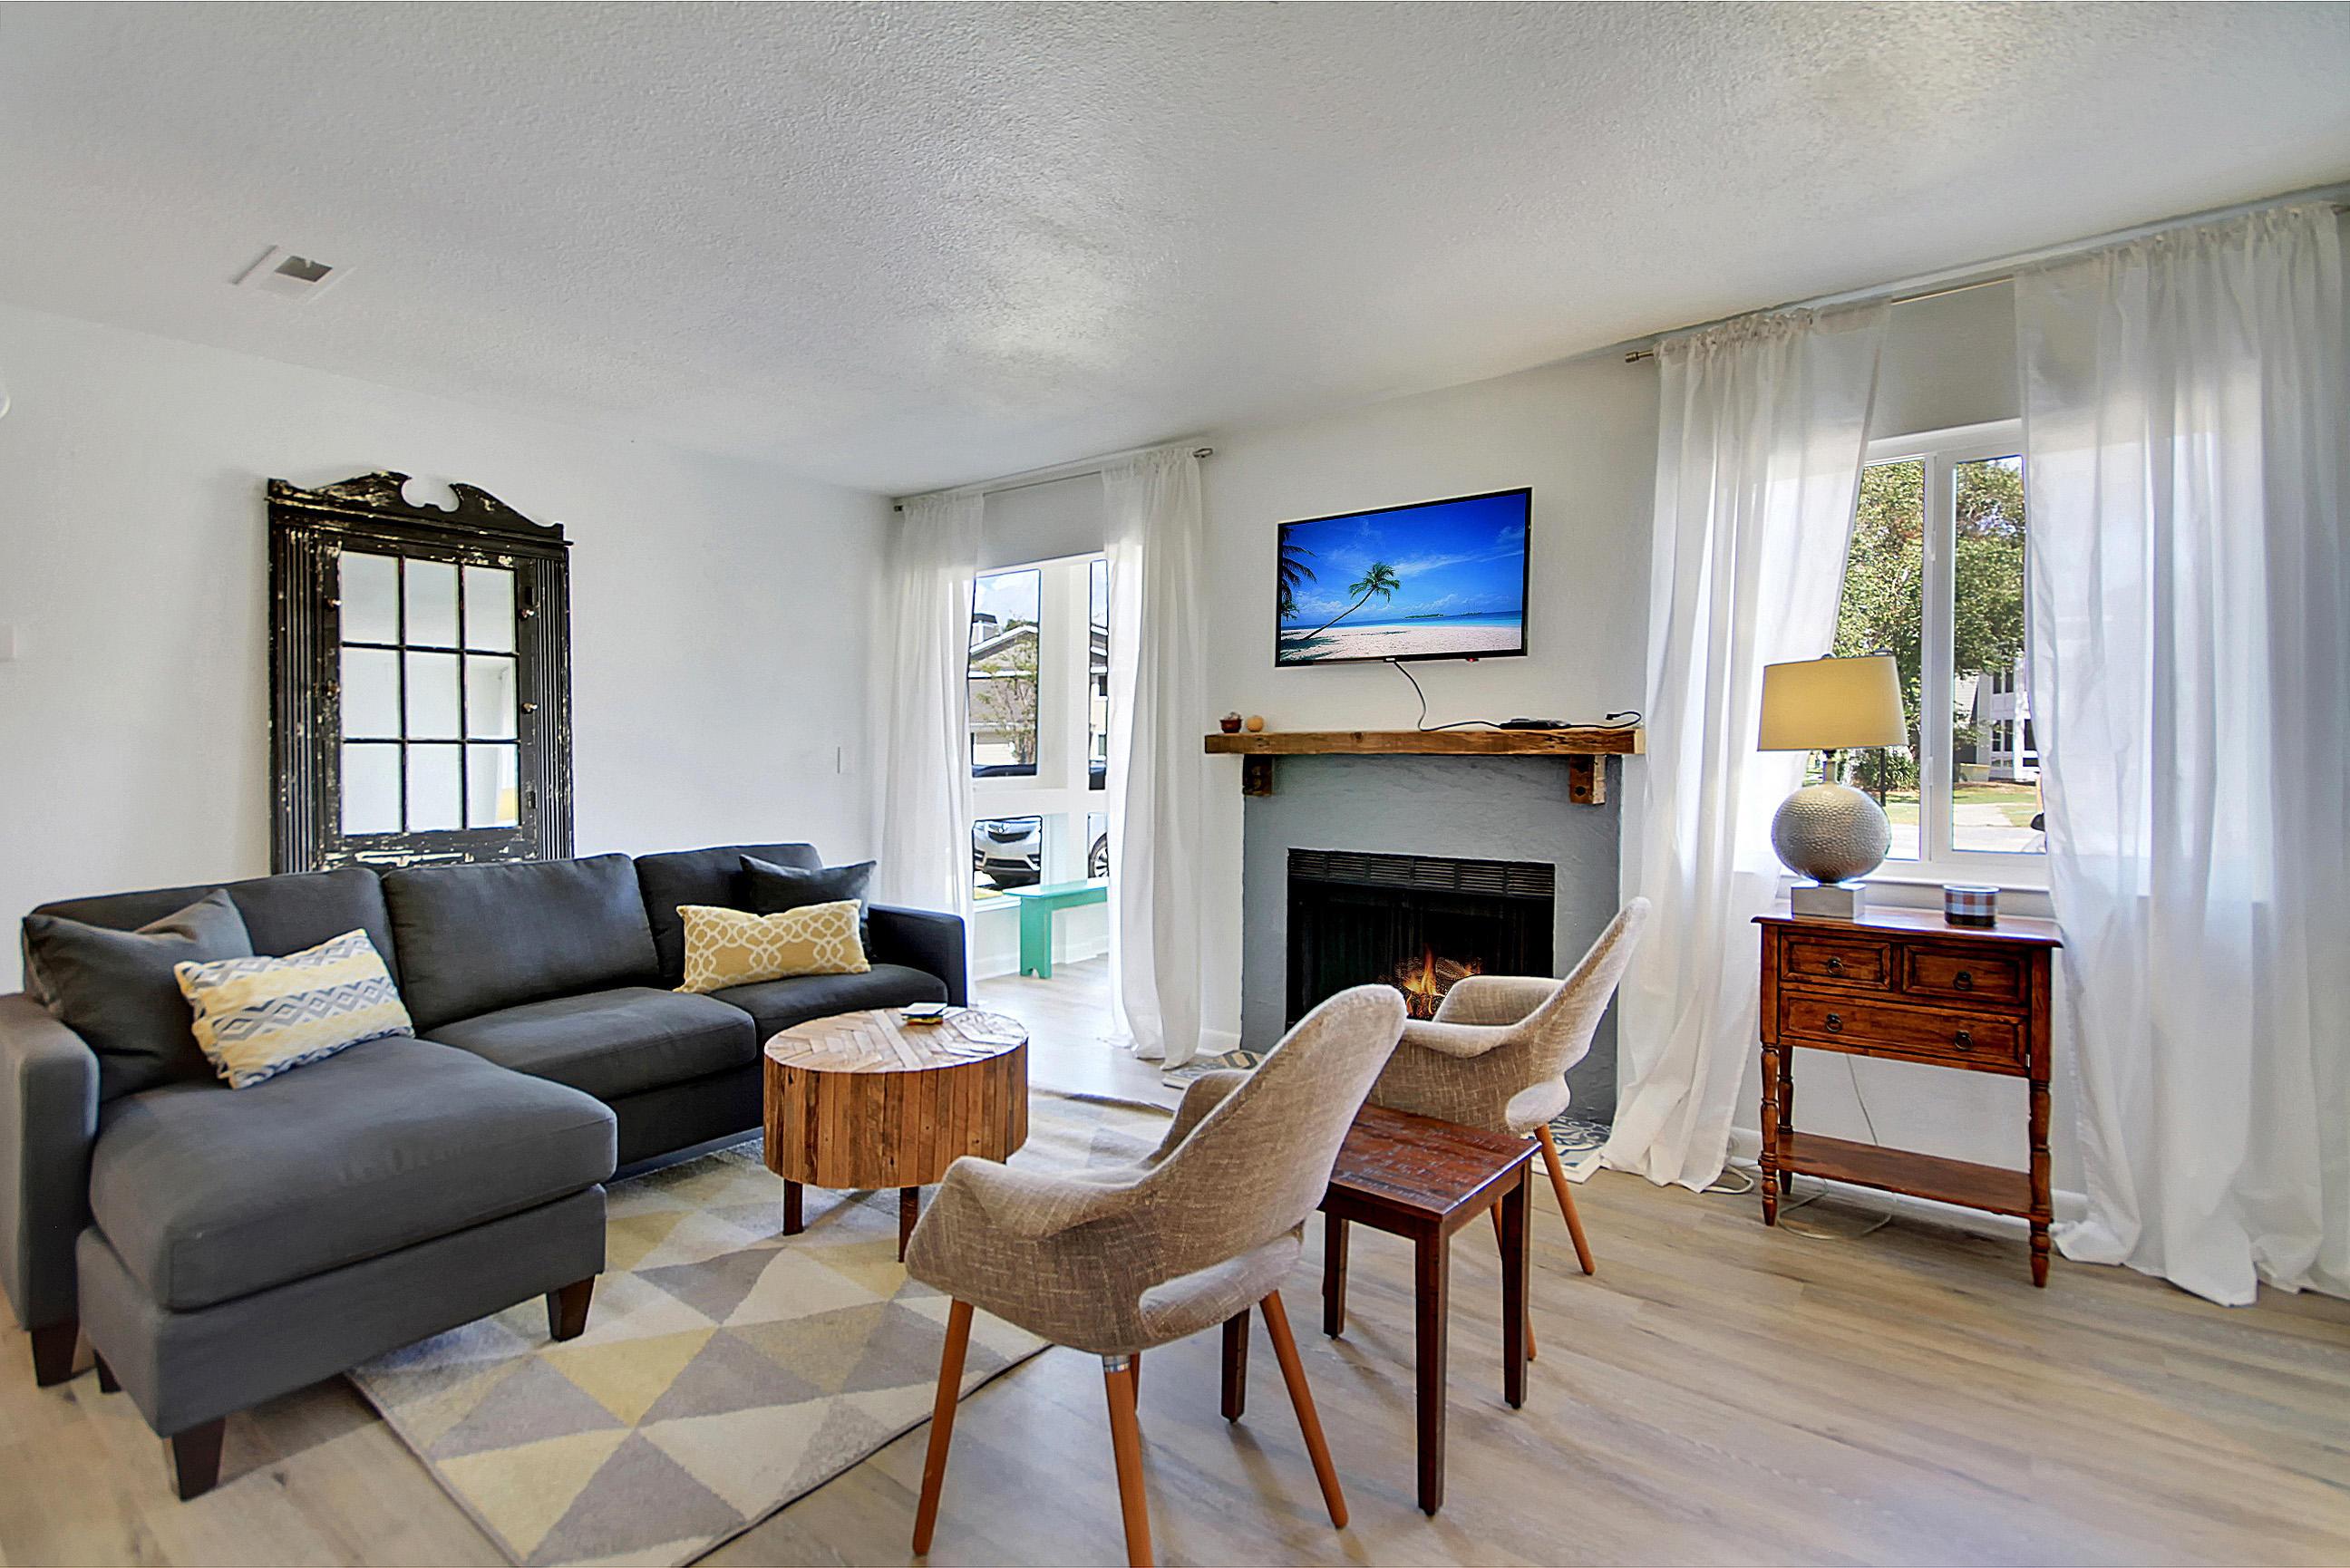 East Bridge Town Lofts Homes For Sale - 268 Alexandra, Mount Pleasant, SC - 9